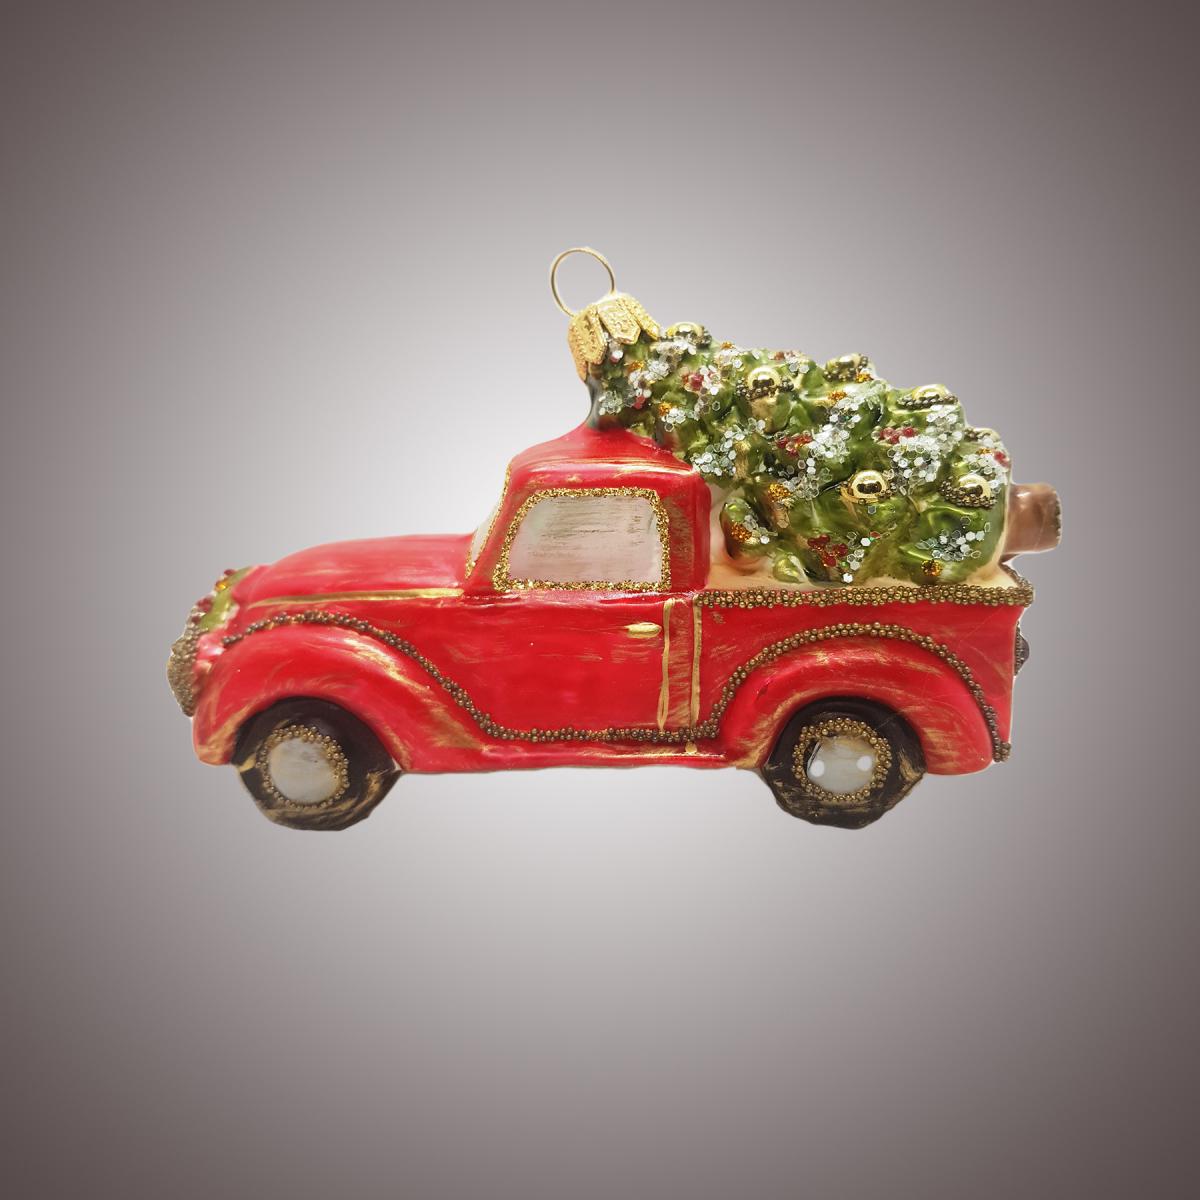 Машинка с ёлкой (винтаж)